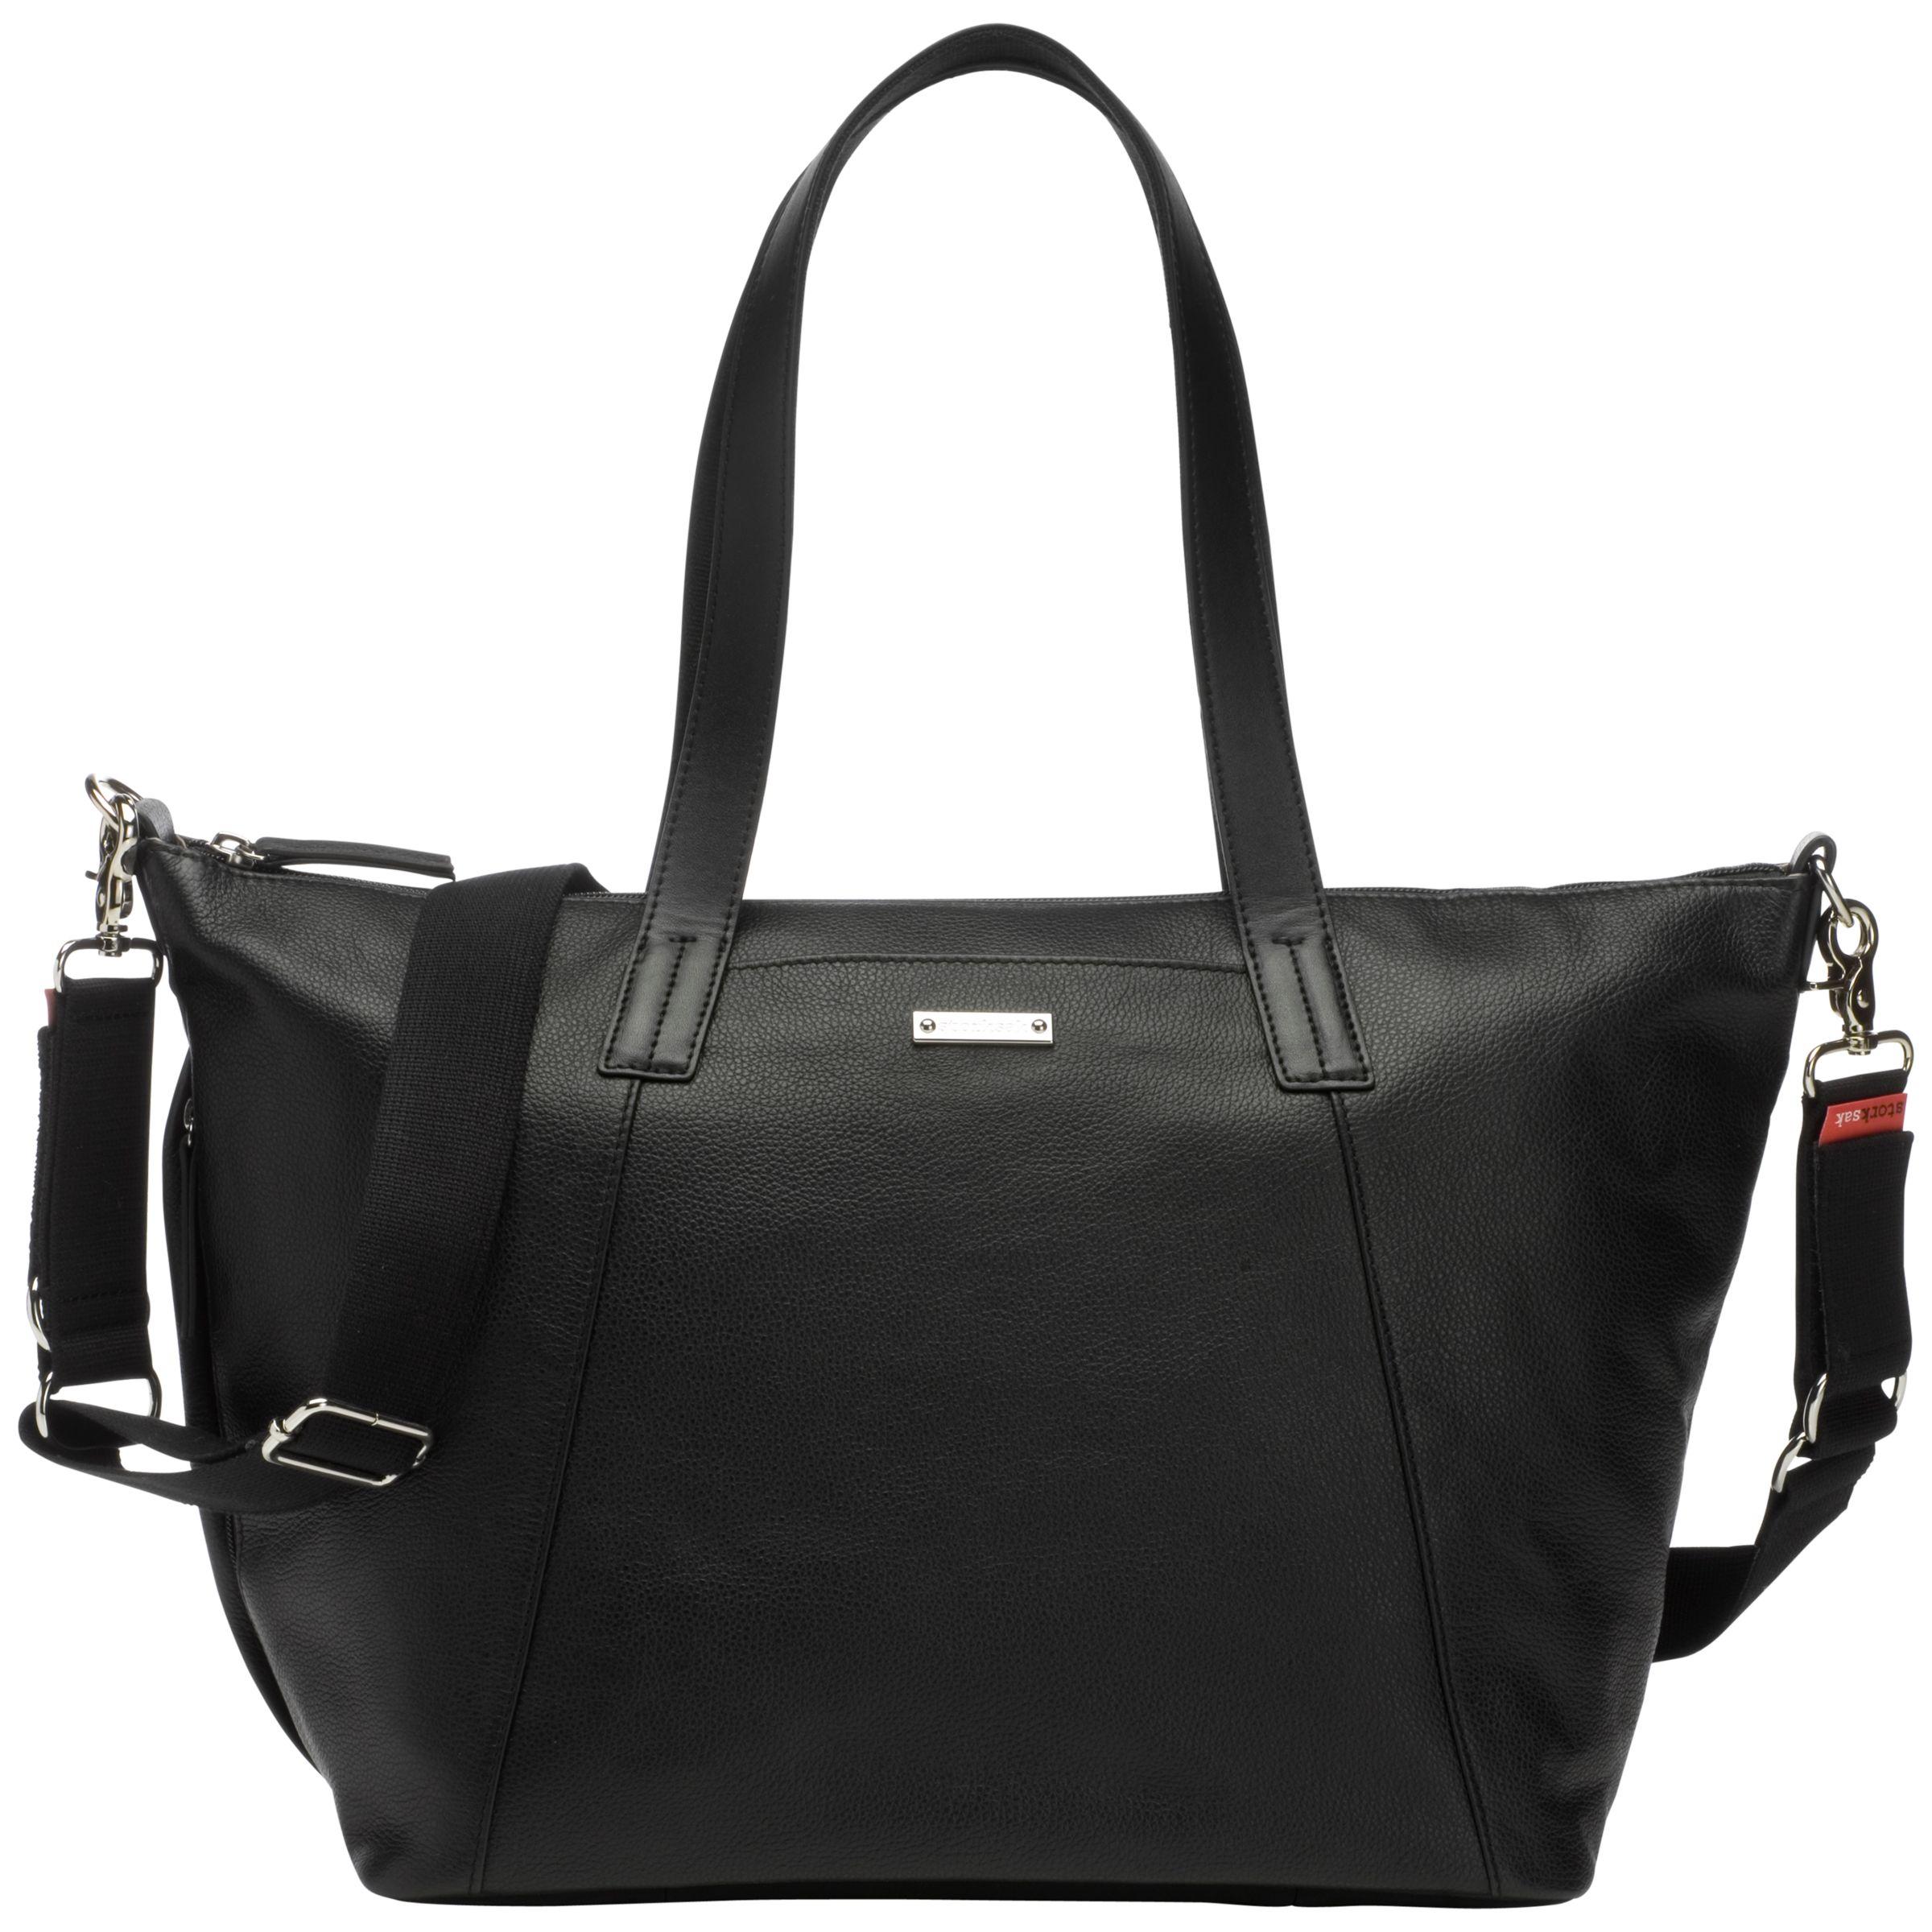 Storksak Storksak Noa Leather Changing Bag, Black